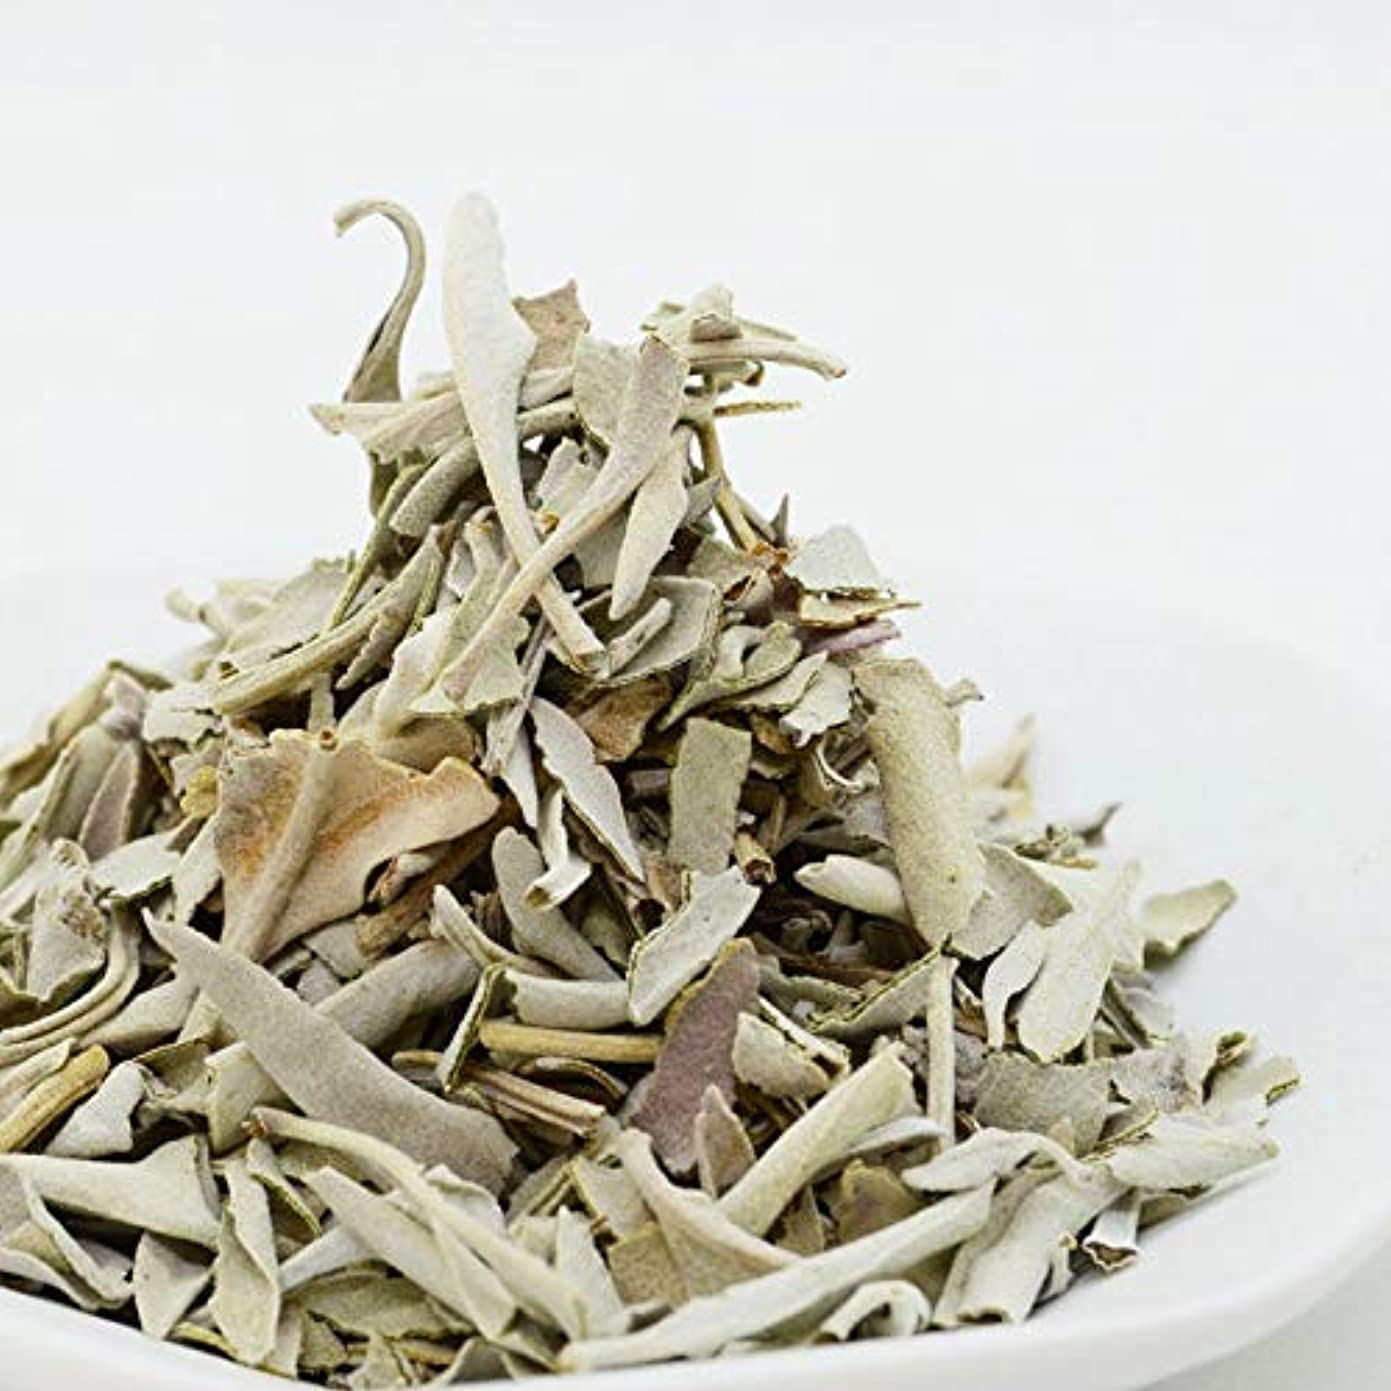 植物学暗記する変える高品質 無農薬 ホワイトセージ クラッシュ 10gカリフォルニア産 浄化用 お香に